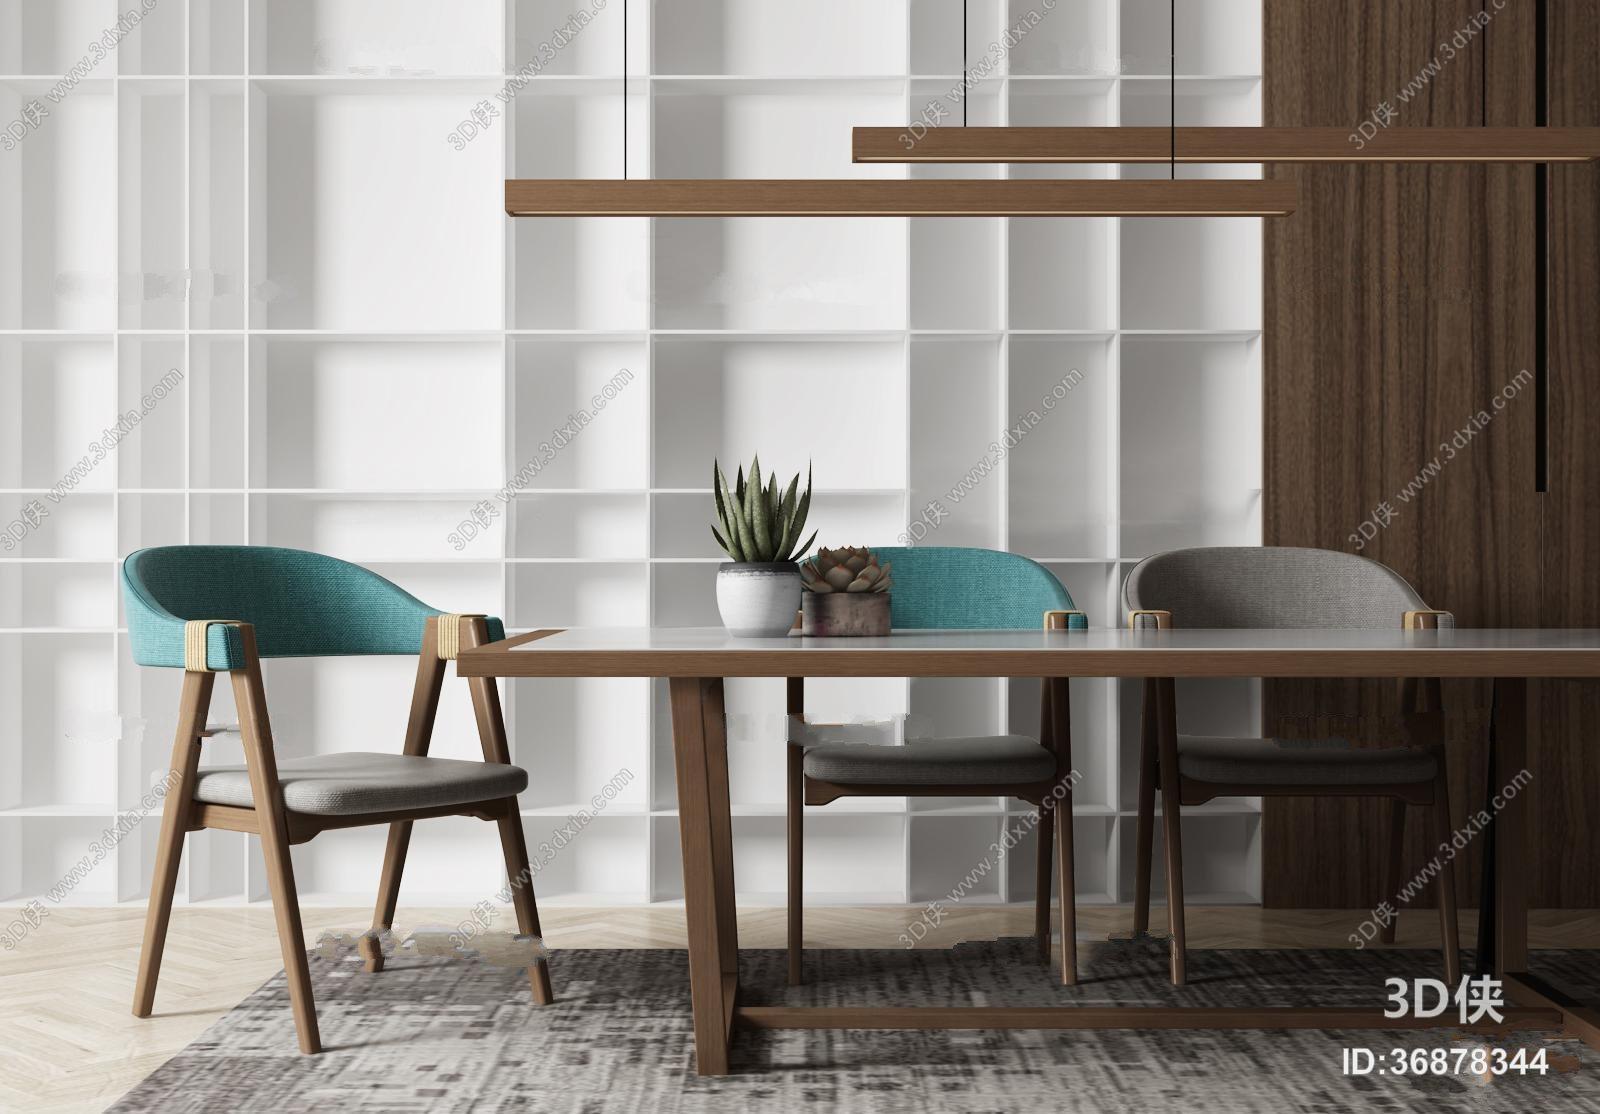 北欧实木餐桌椅吊灯盆栽组合3D模型